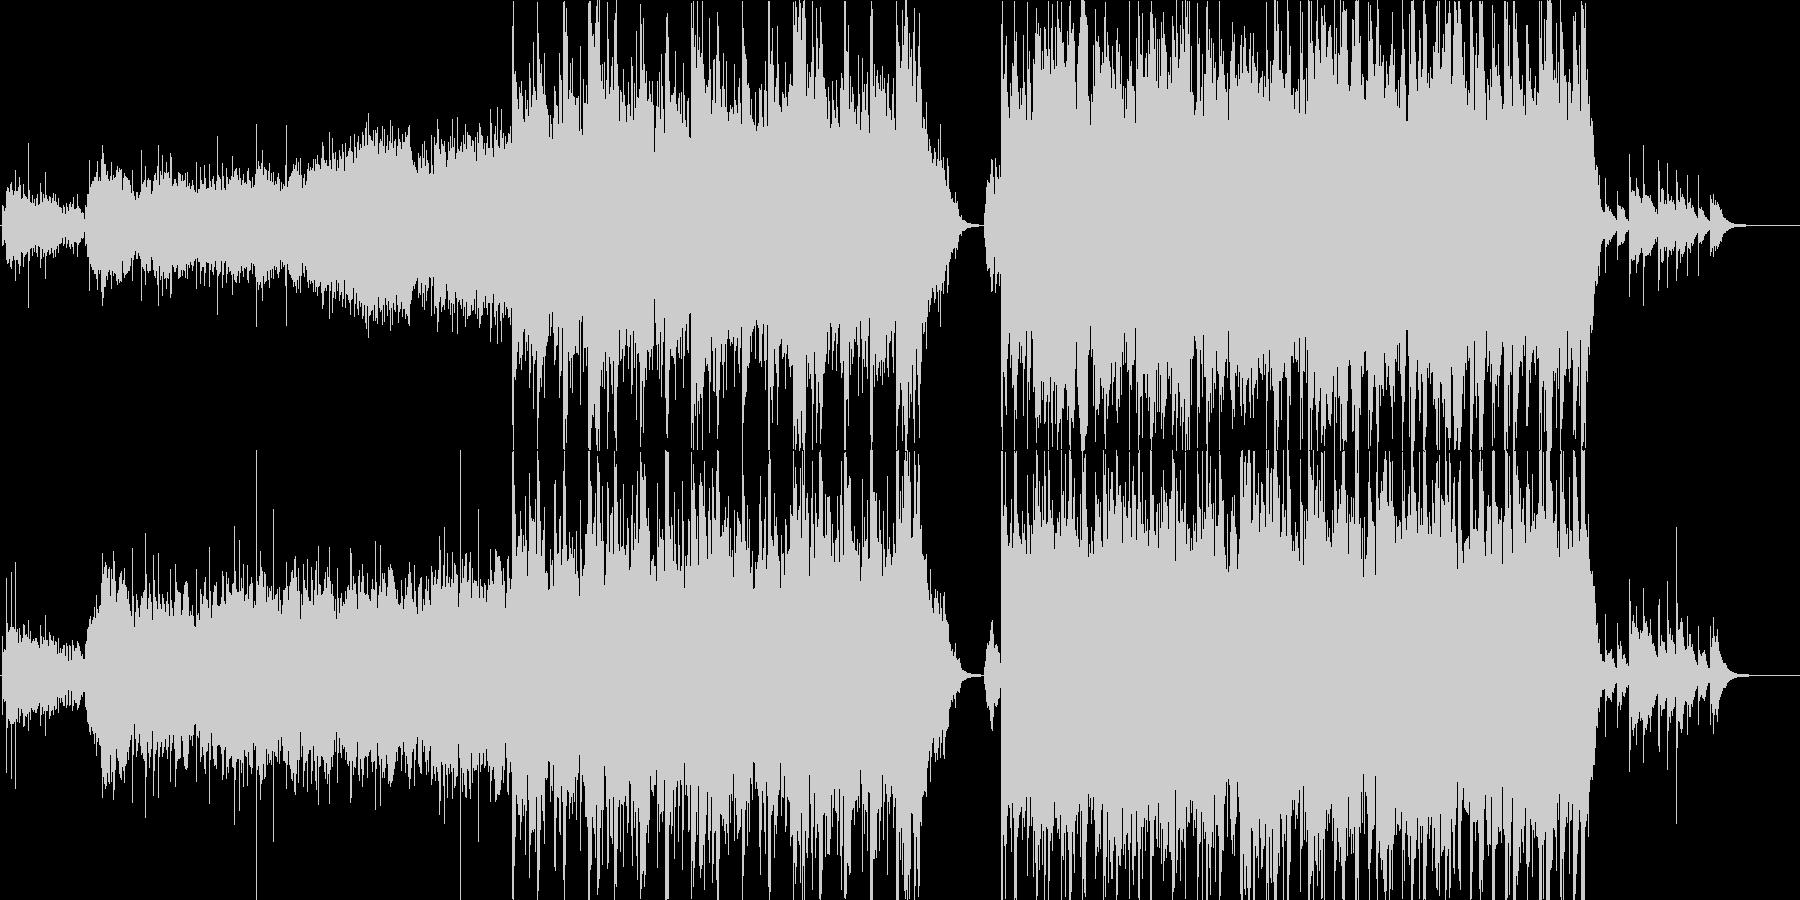 和楽器を使用した壮大な楽曲の未再生の波形